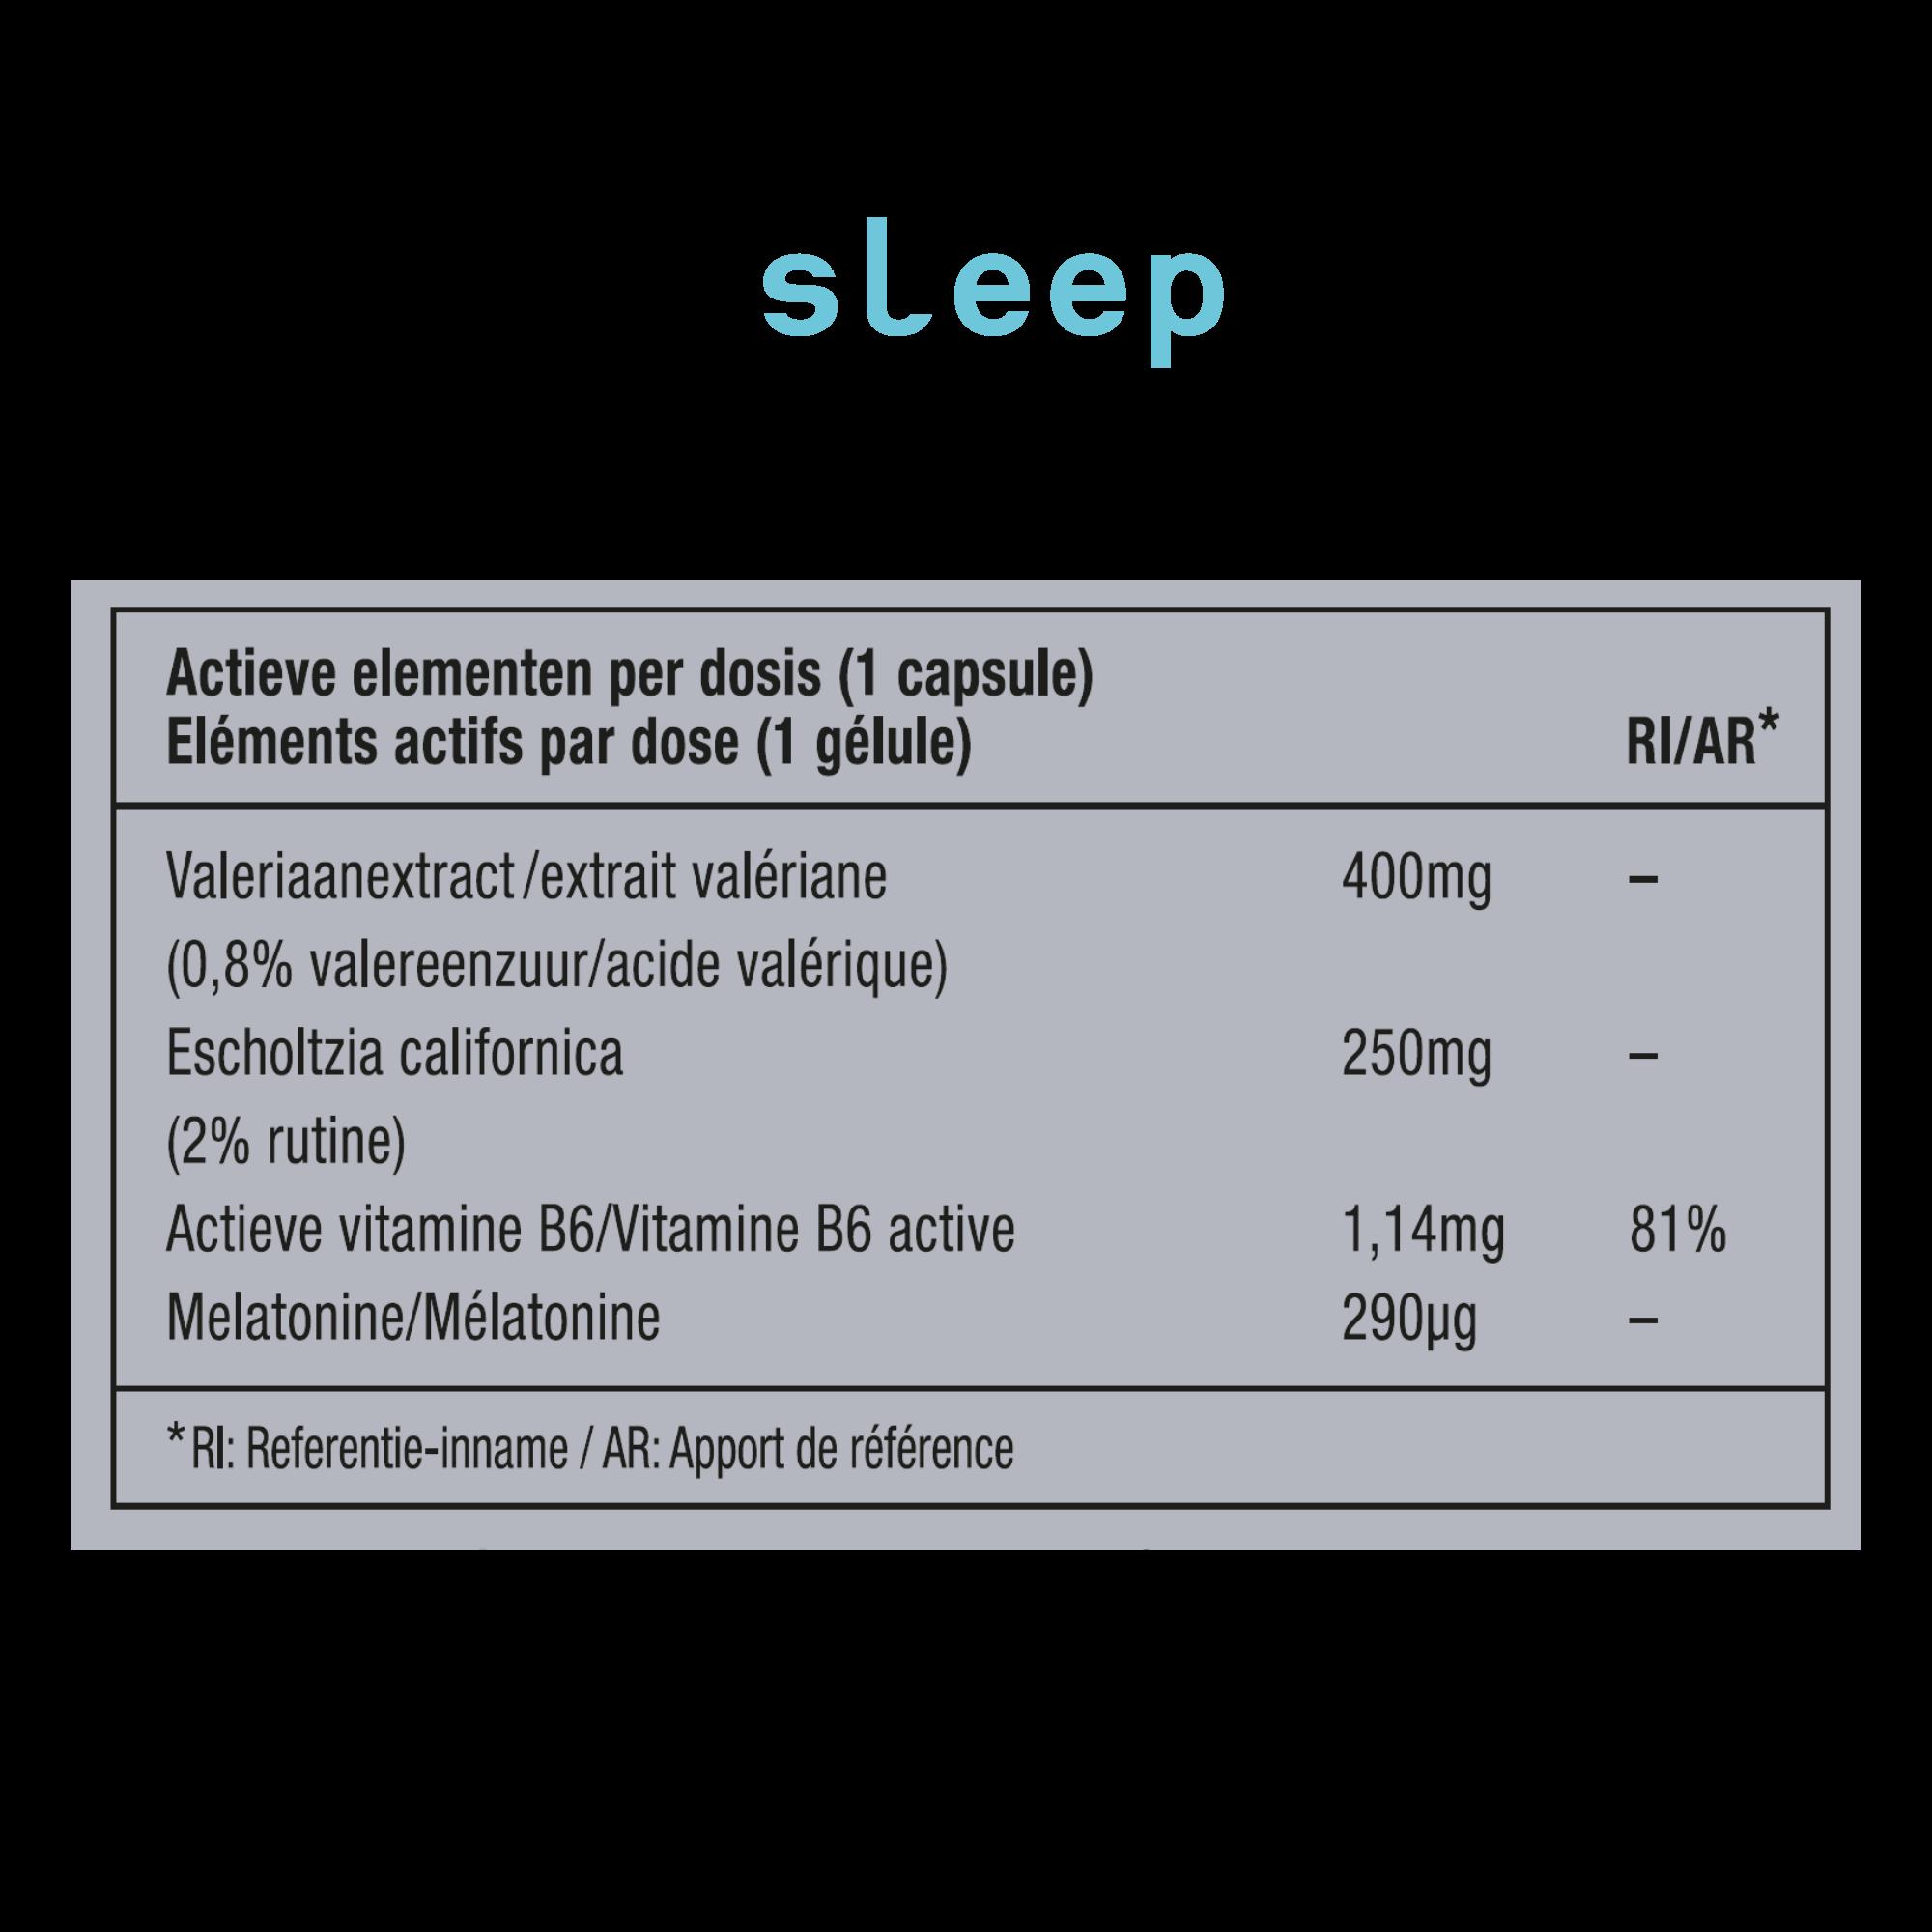 METIS Sleep 08 - helpt om in slaap te vallen